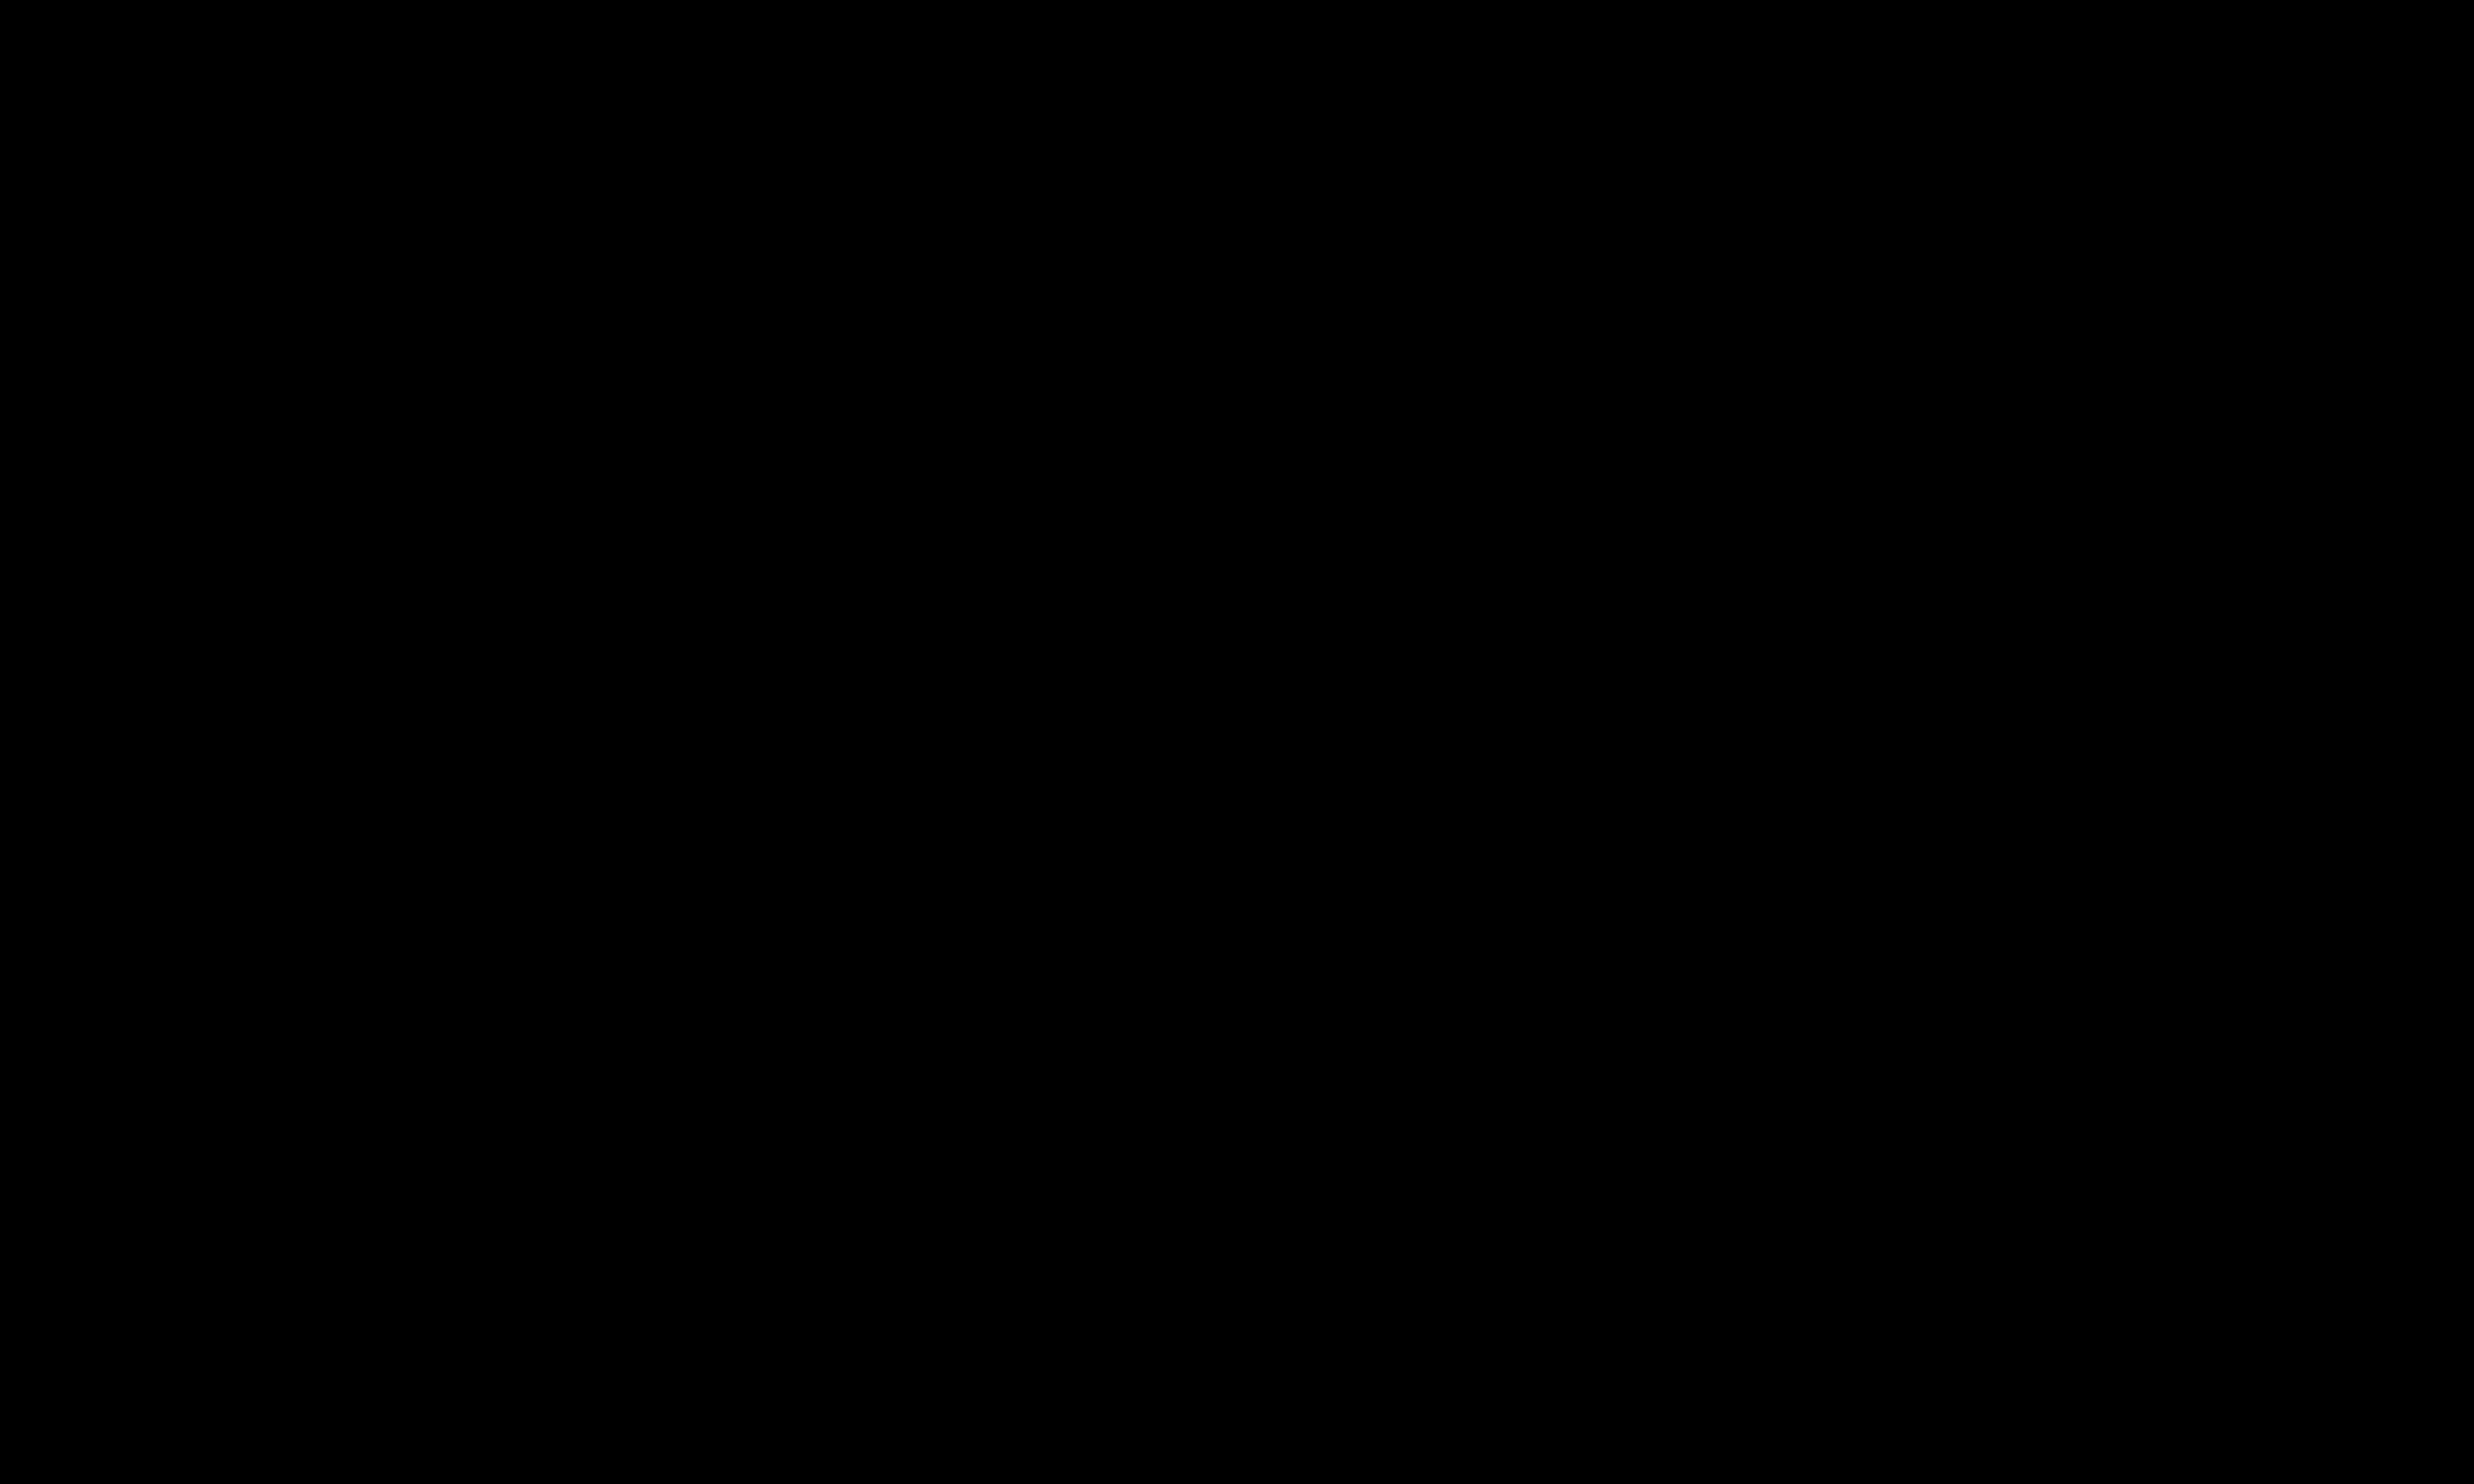 【跨界融合】2017制造业+互联网+IT 智能制造转型高端沙龙工博会开讲